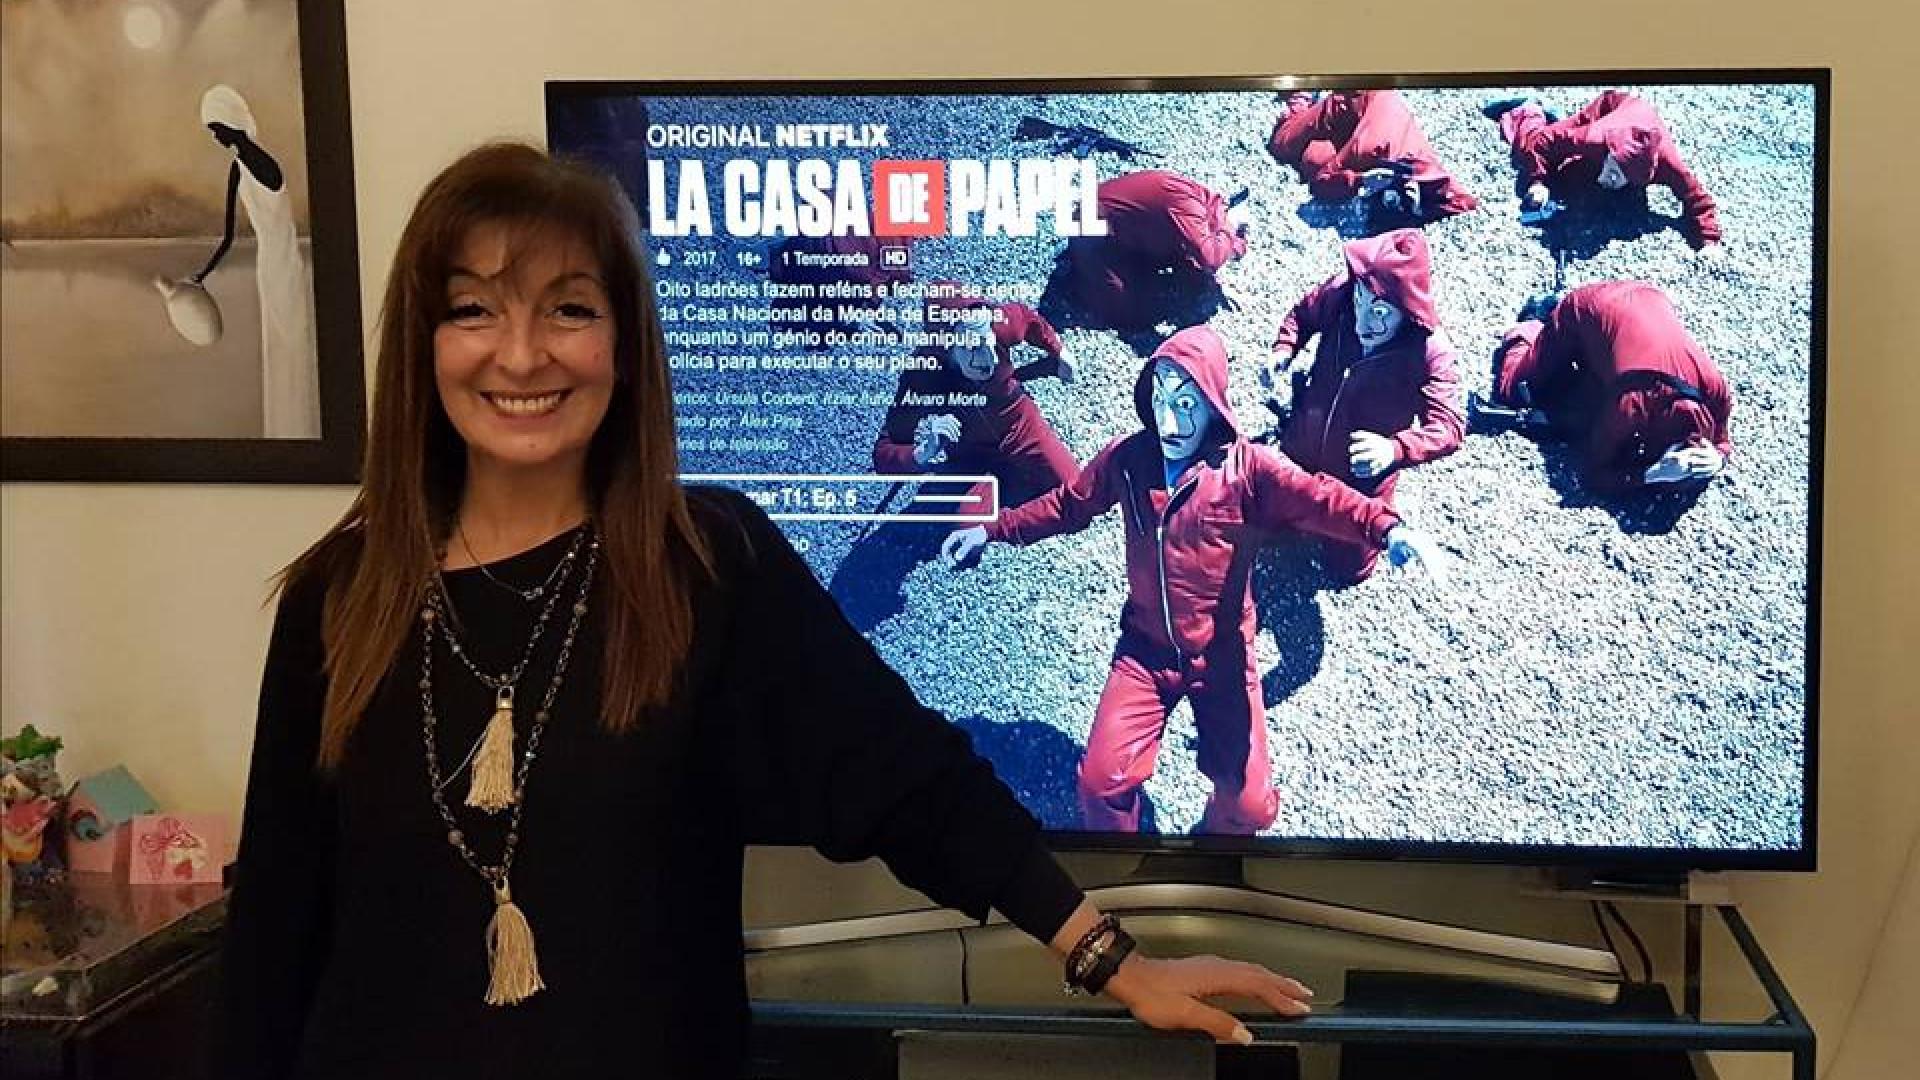 Fado de professora portuguesa está a correr mundo com famosa série